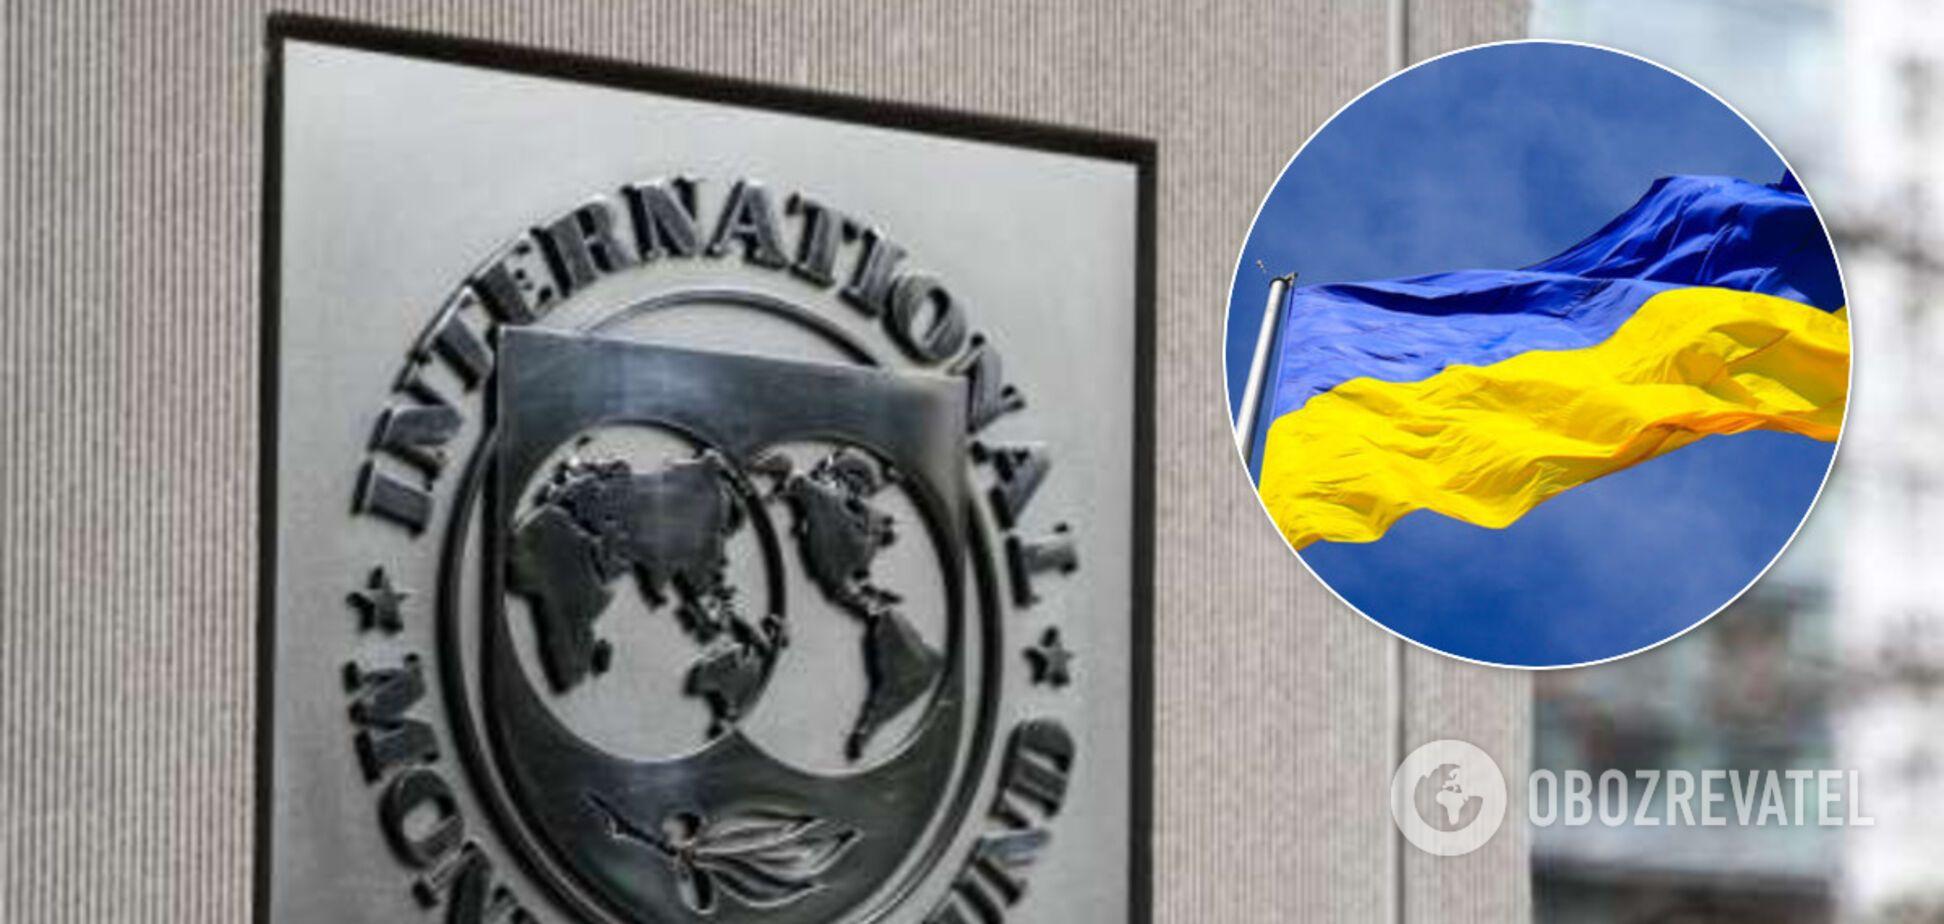 Нова програма МВФ для України: розкрито умови та суму співпраці